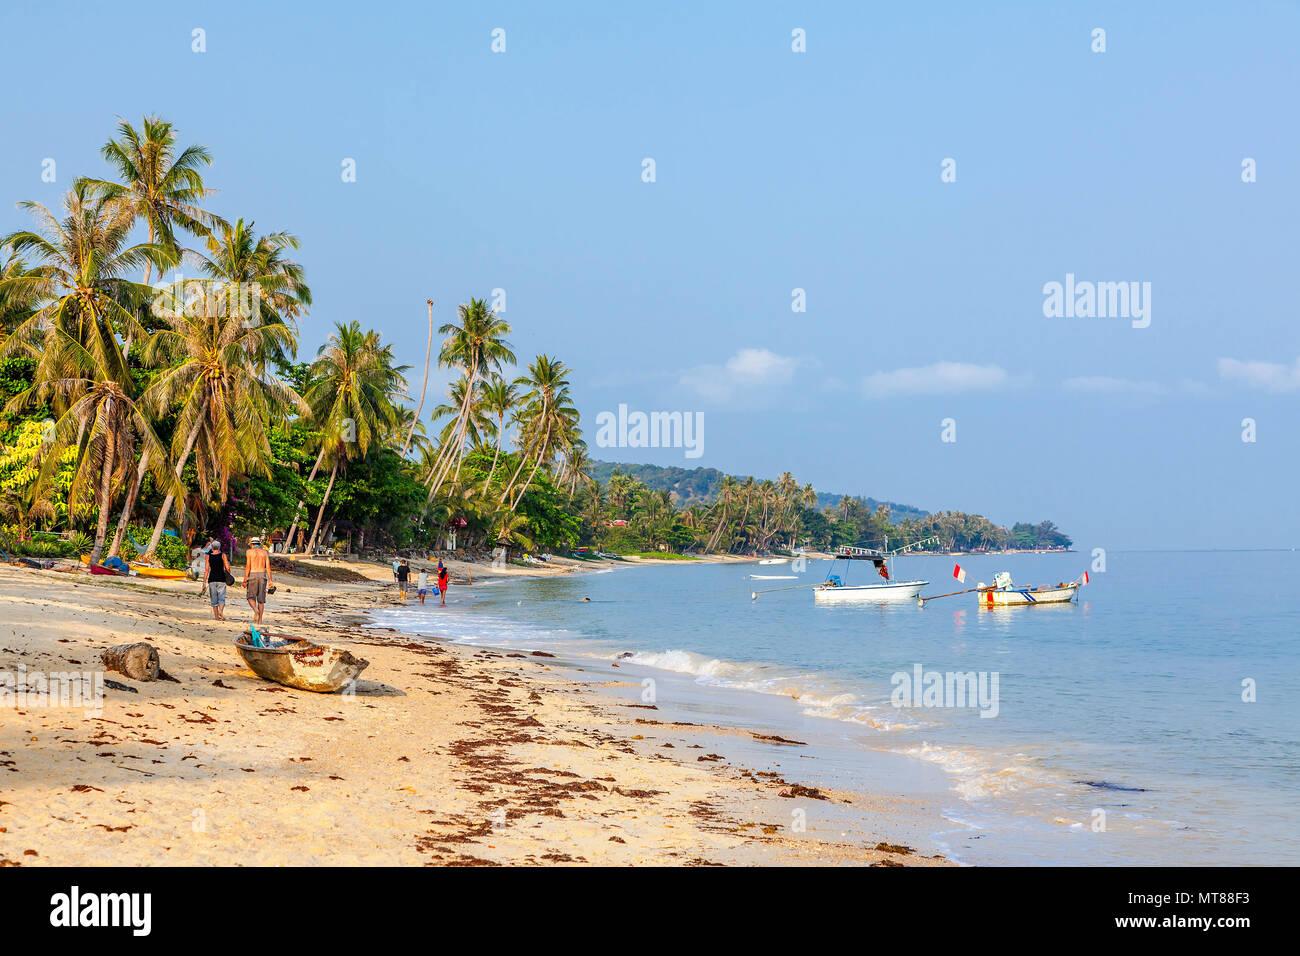 Mañana soleada en la playa de Bang Po. La isla de Samui. Tailandia. Imagen De Stock